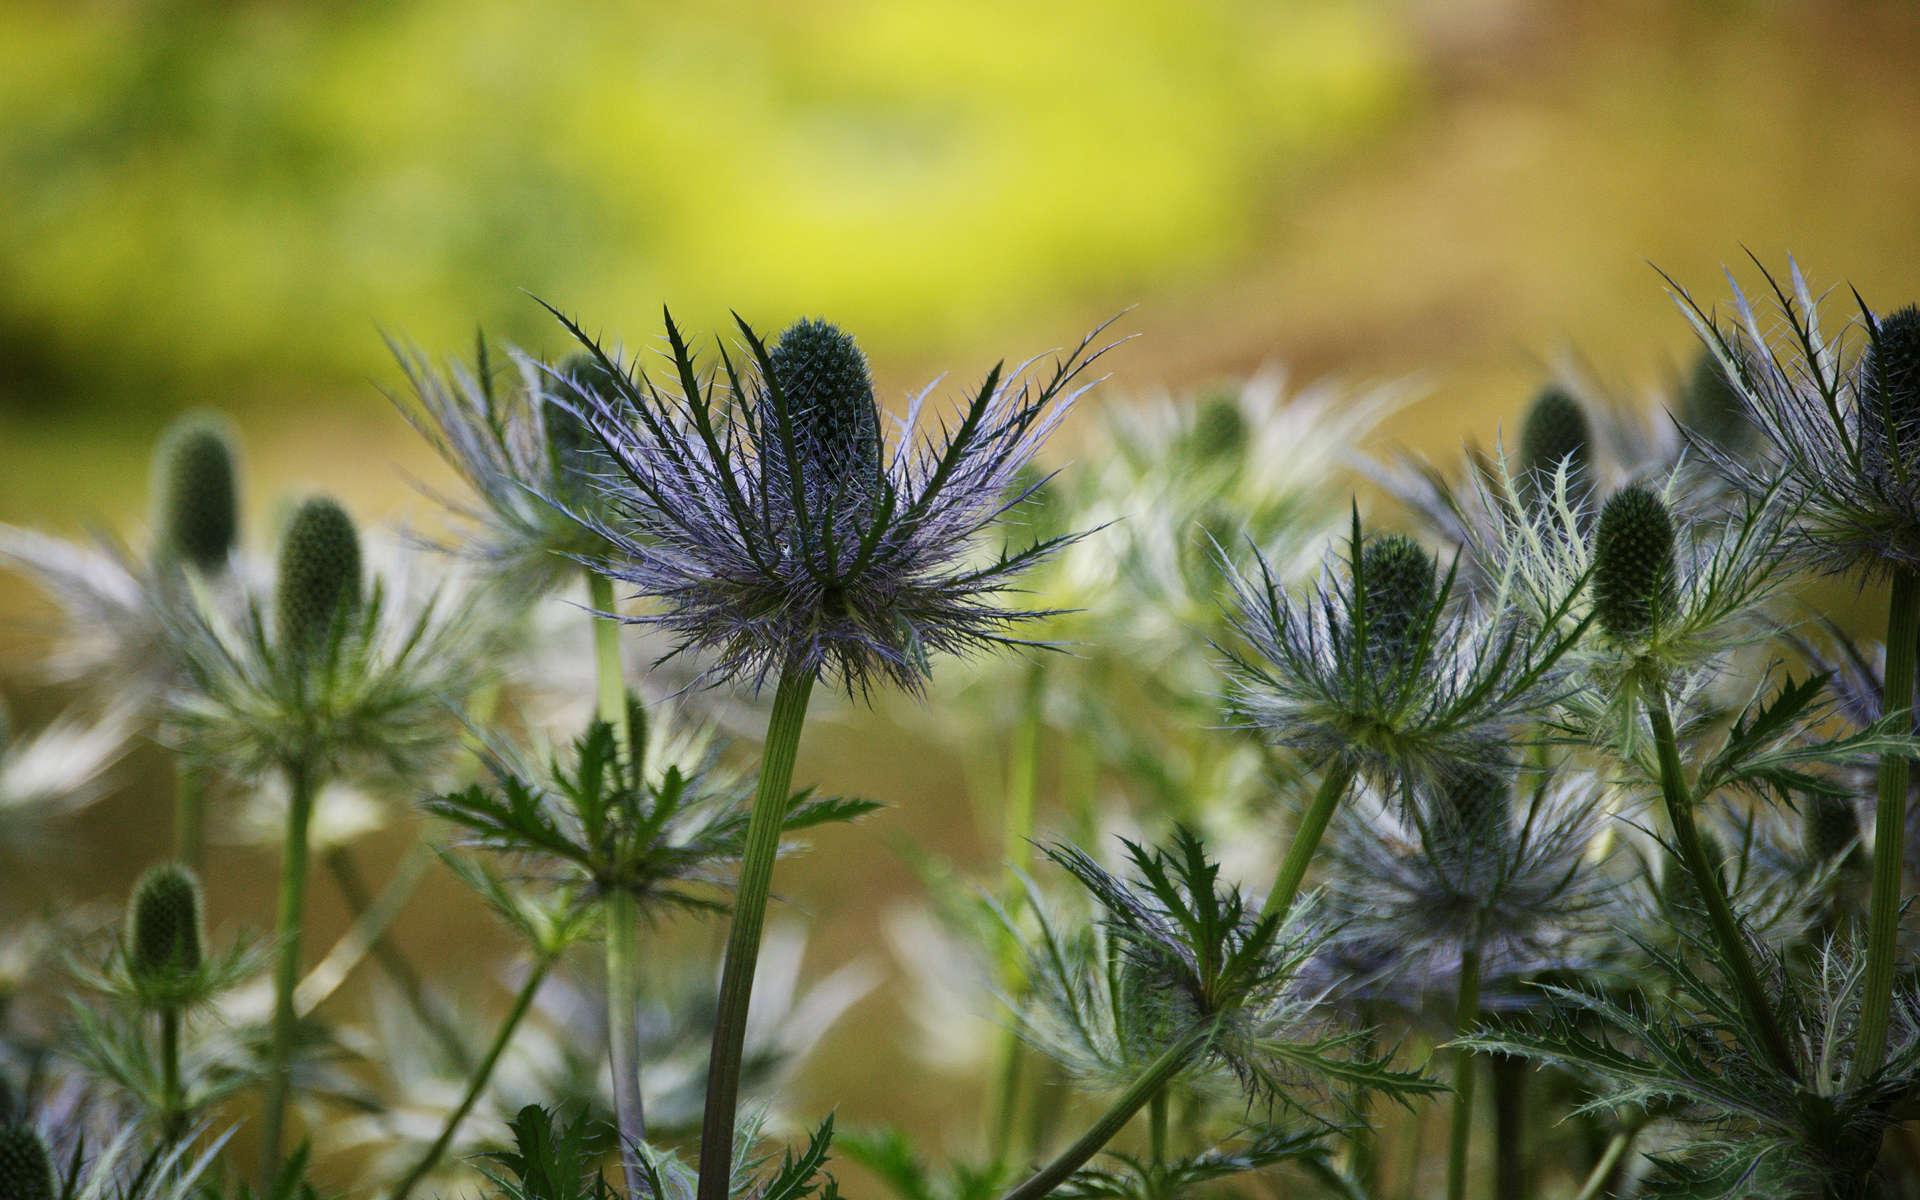 Panicaut bleu des Alpes (Crédits: Antonietta - Flickr)